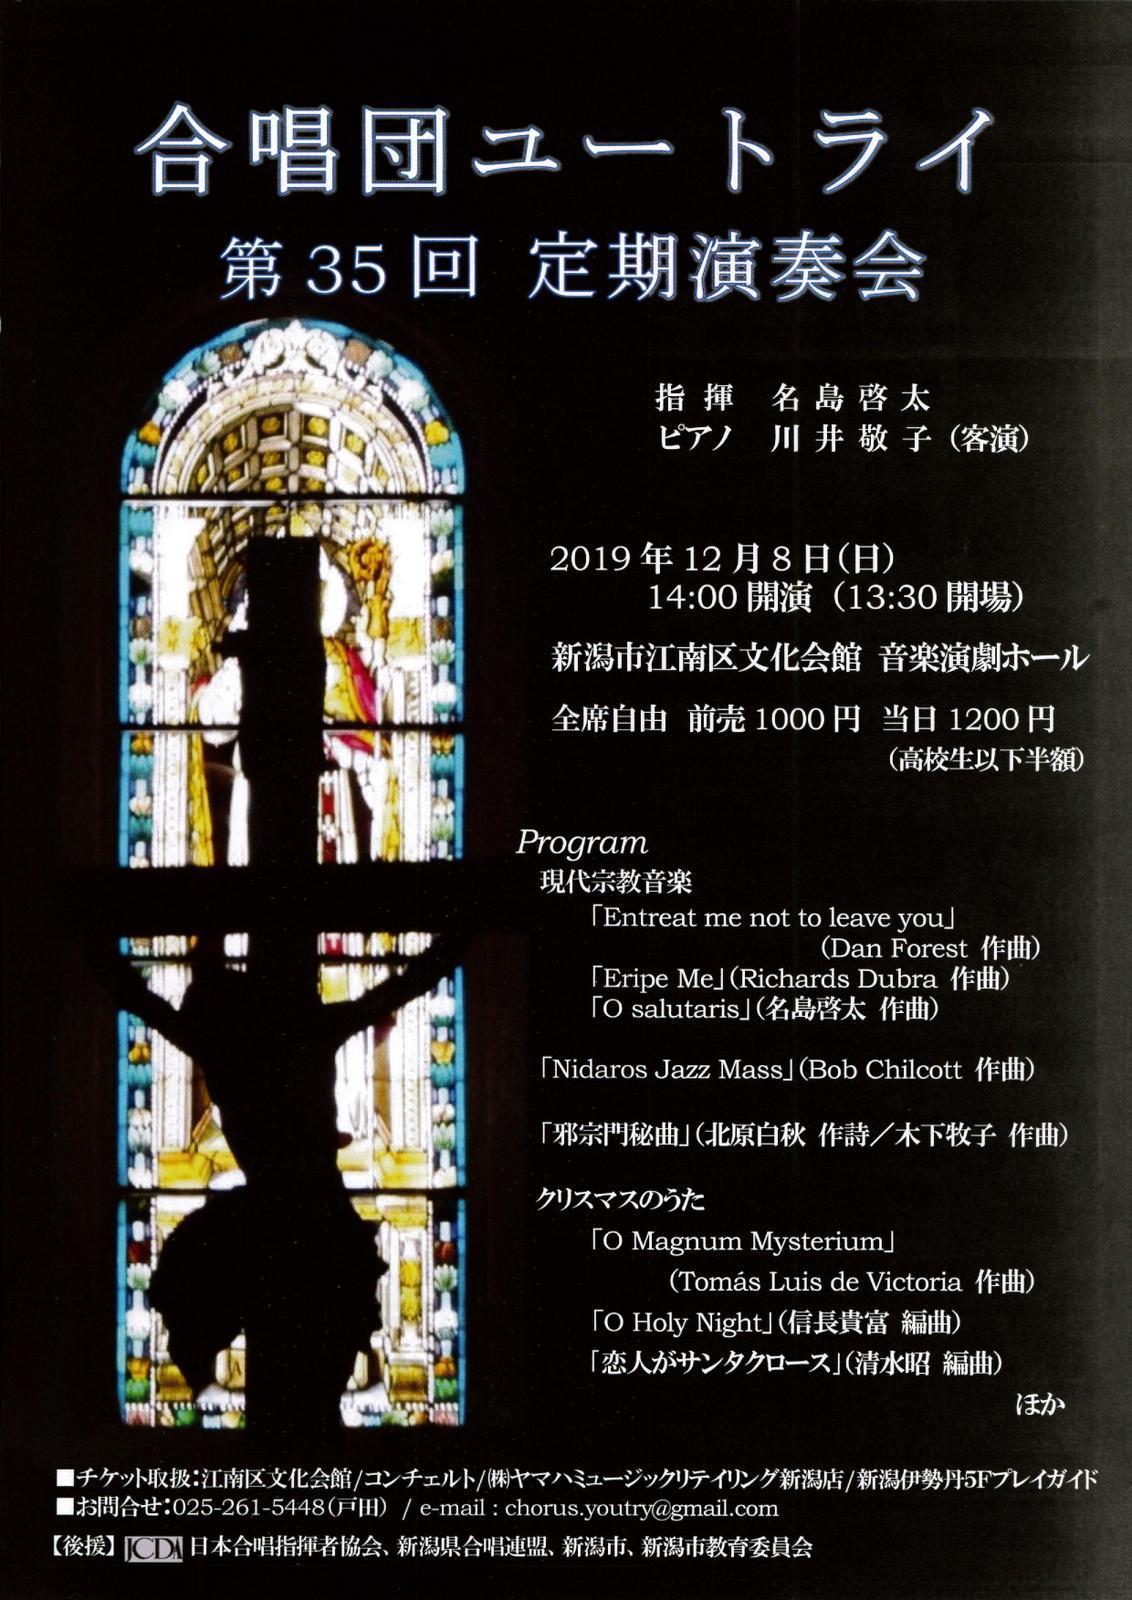 昨夜は成嶋志保さん&サルクさんの公演に。_e0046190_18304483.jpg